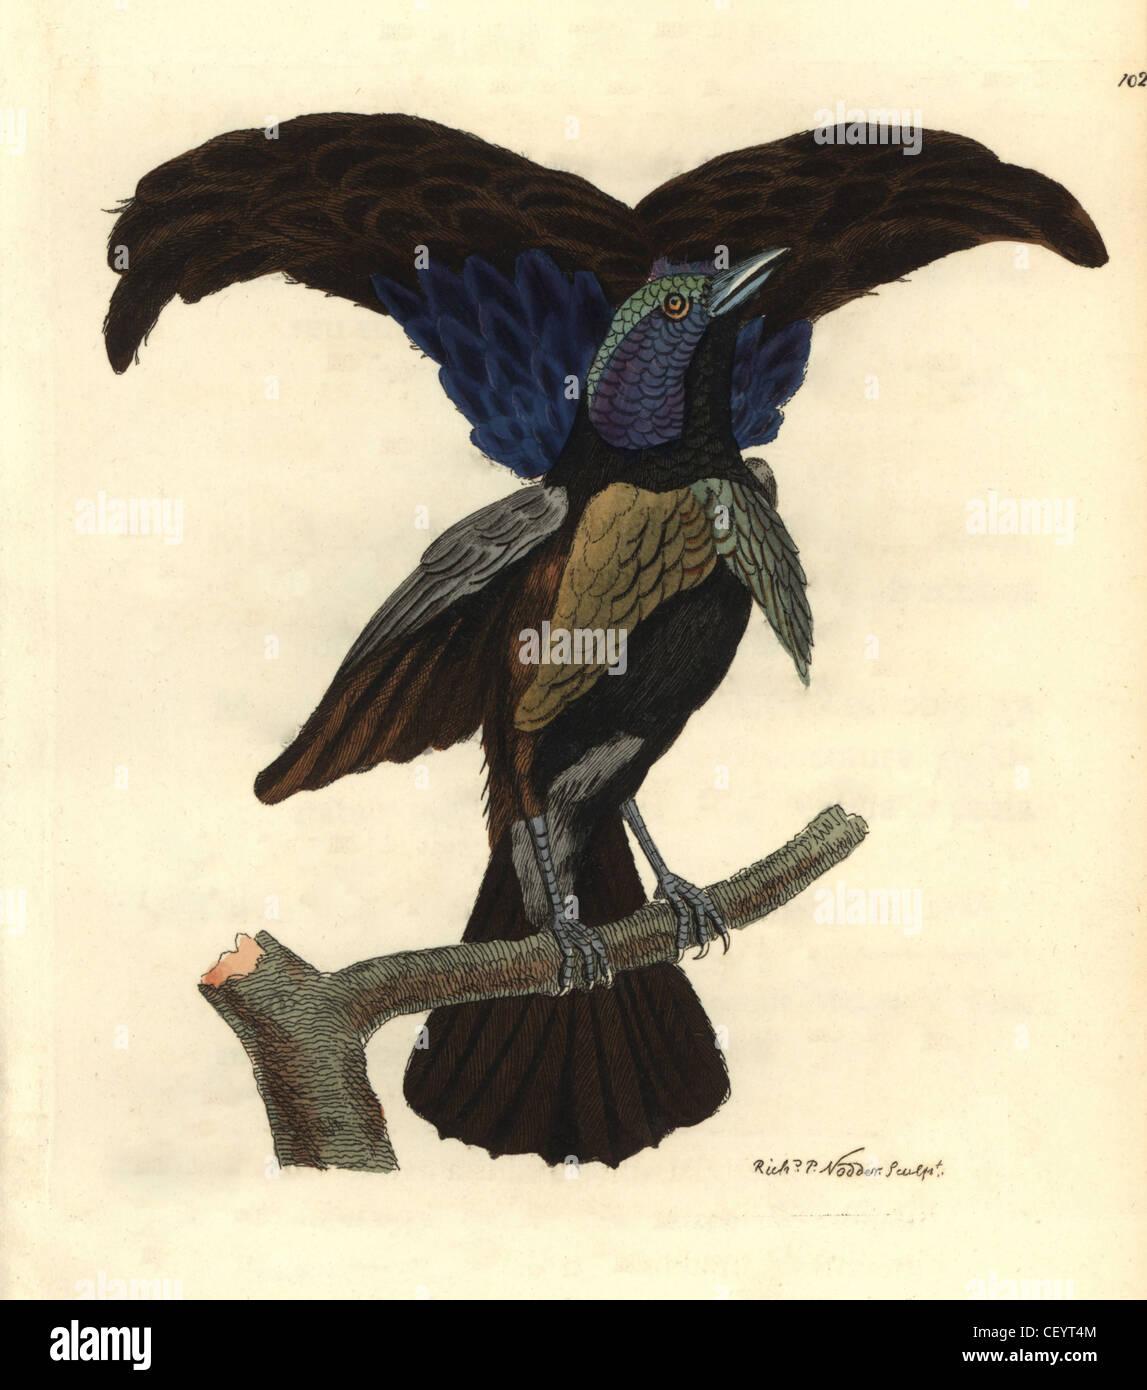 Histoire Naturelle Bird Stock Photos & Histoire Naturelle Bird Stock ...